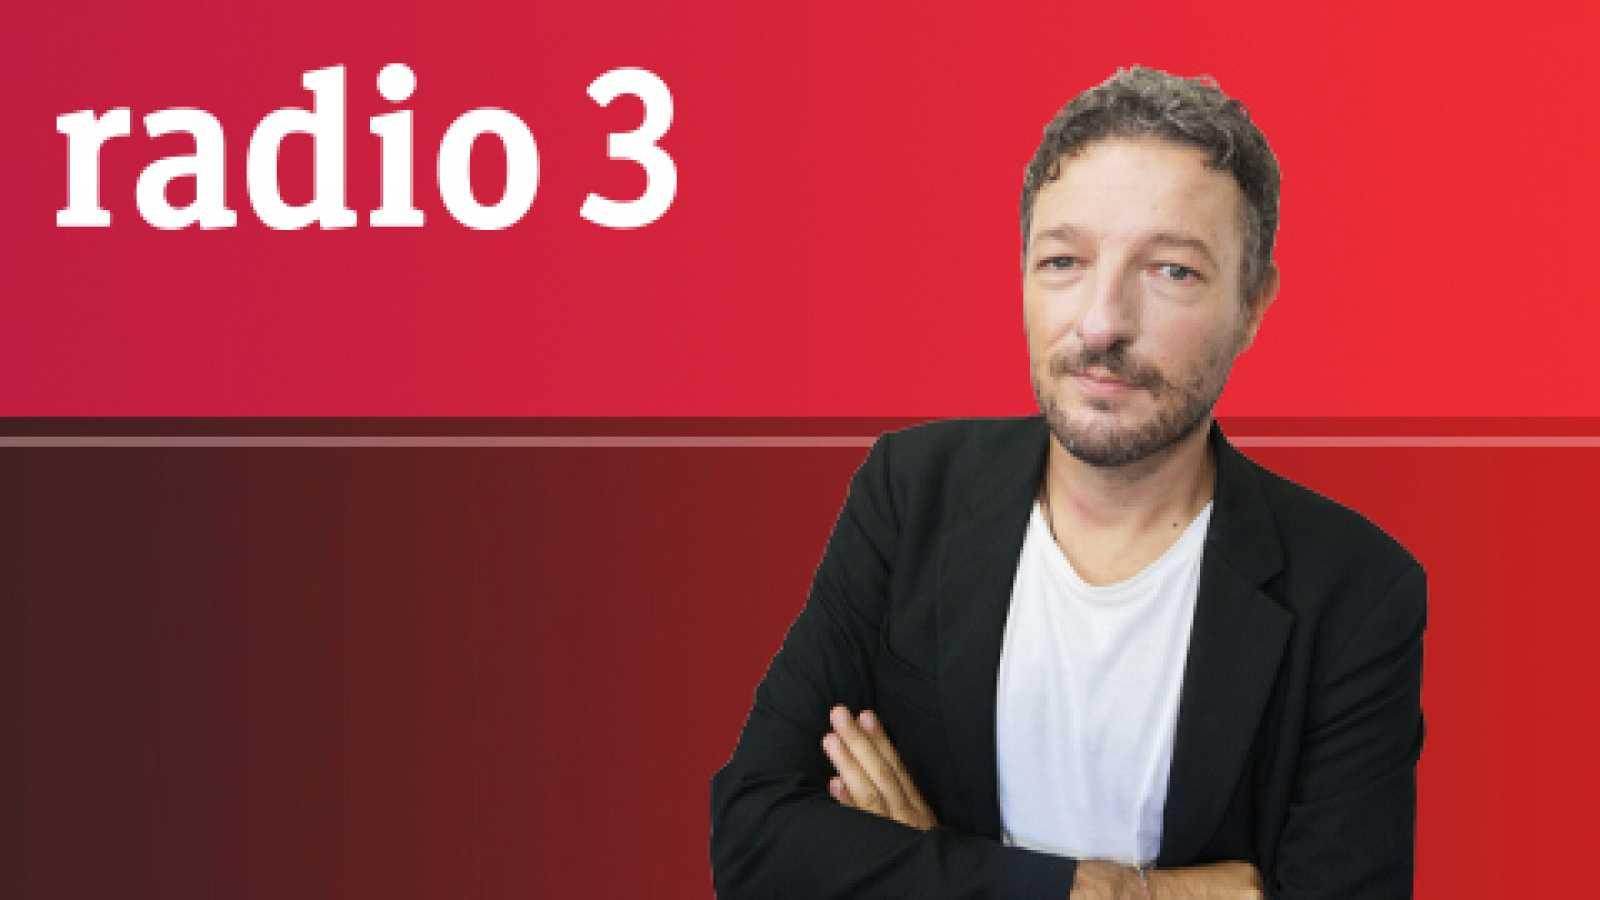 Café del sur: memorias de tango - O sole mio - 24/07/11